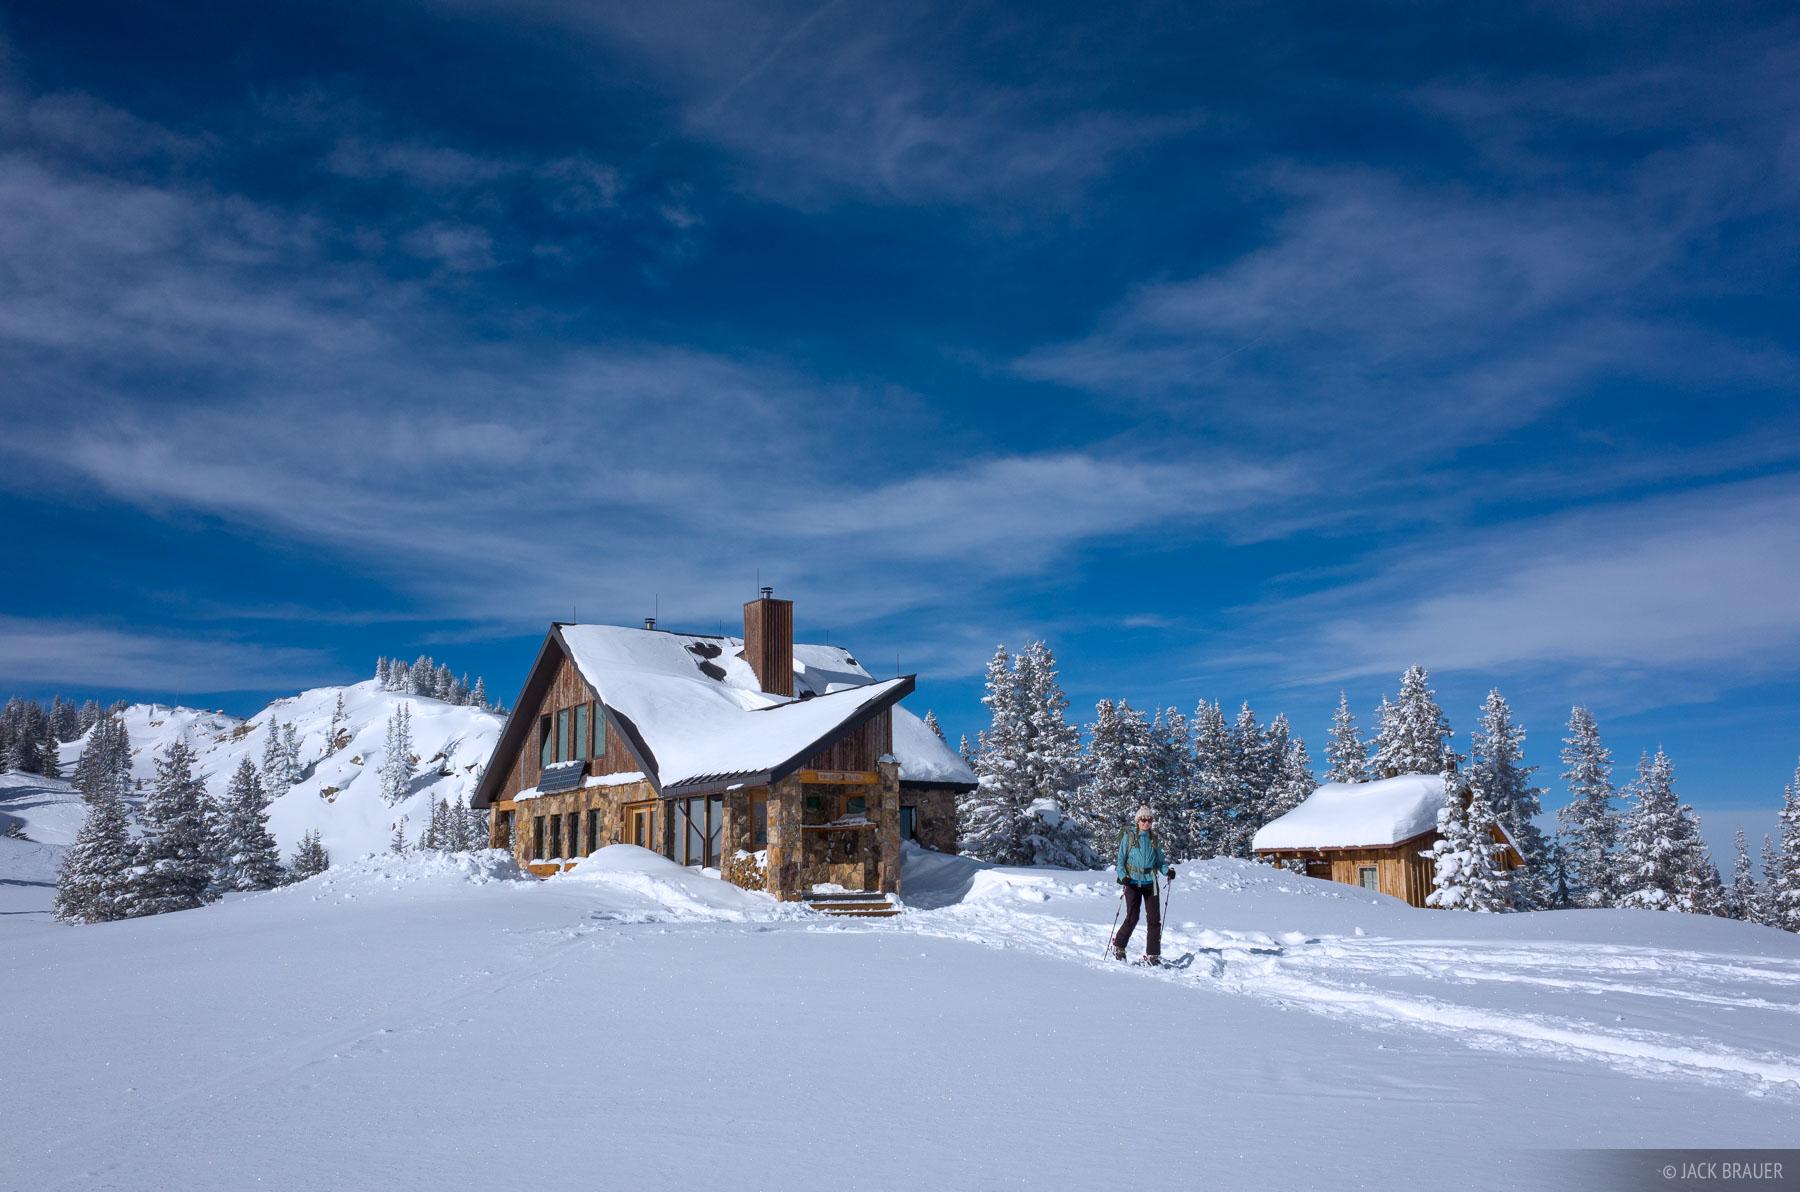 Colorado, Fowler Hilliard Hut, Gore Range, January, skiing, hut, Fowler/Hilliard, Fowler/Hilliard Hut, winter, active, 2014